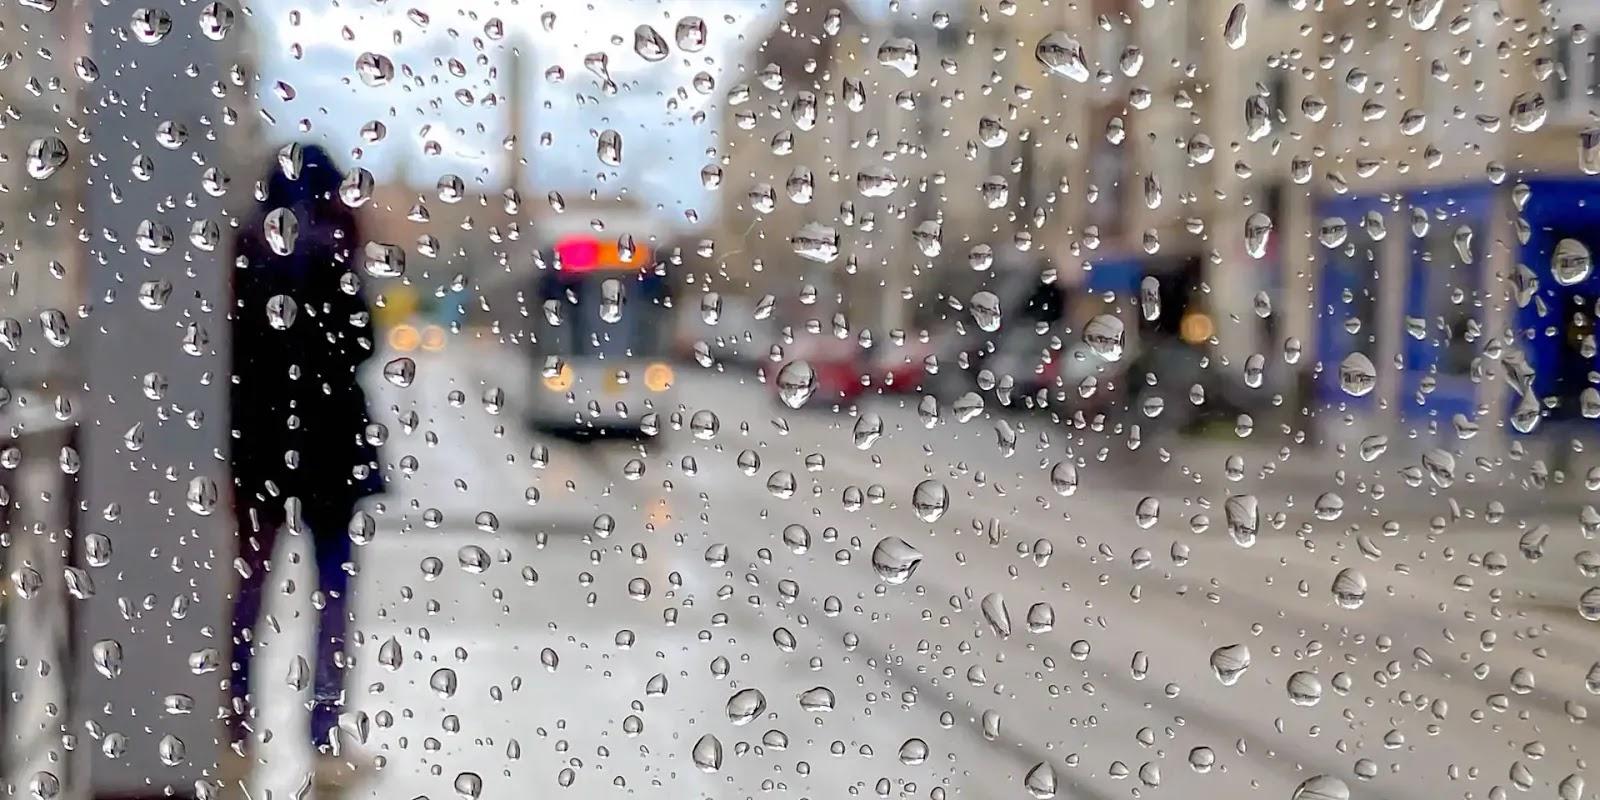 امطار غزيرة وانخفاض في درجات الحرارة بداية من الغد